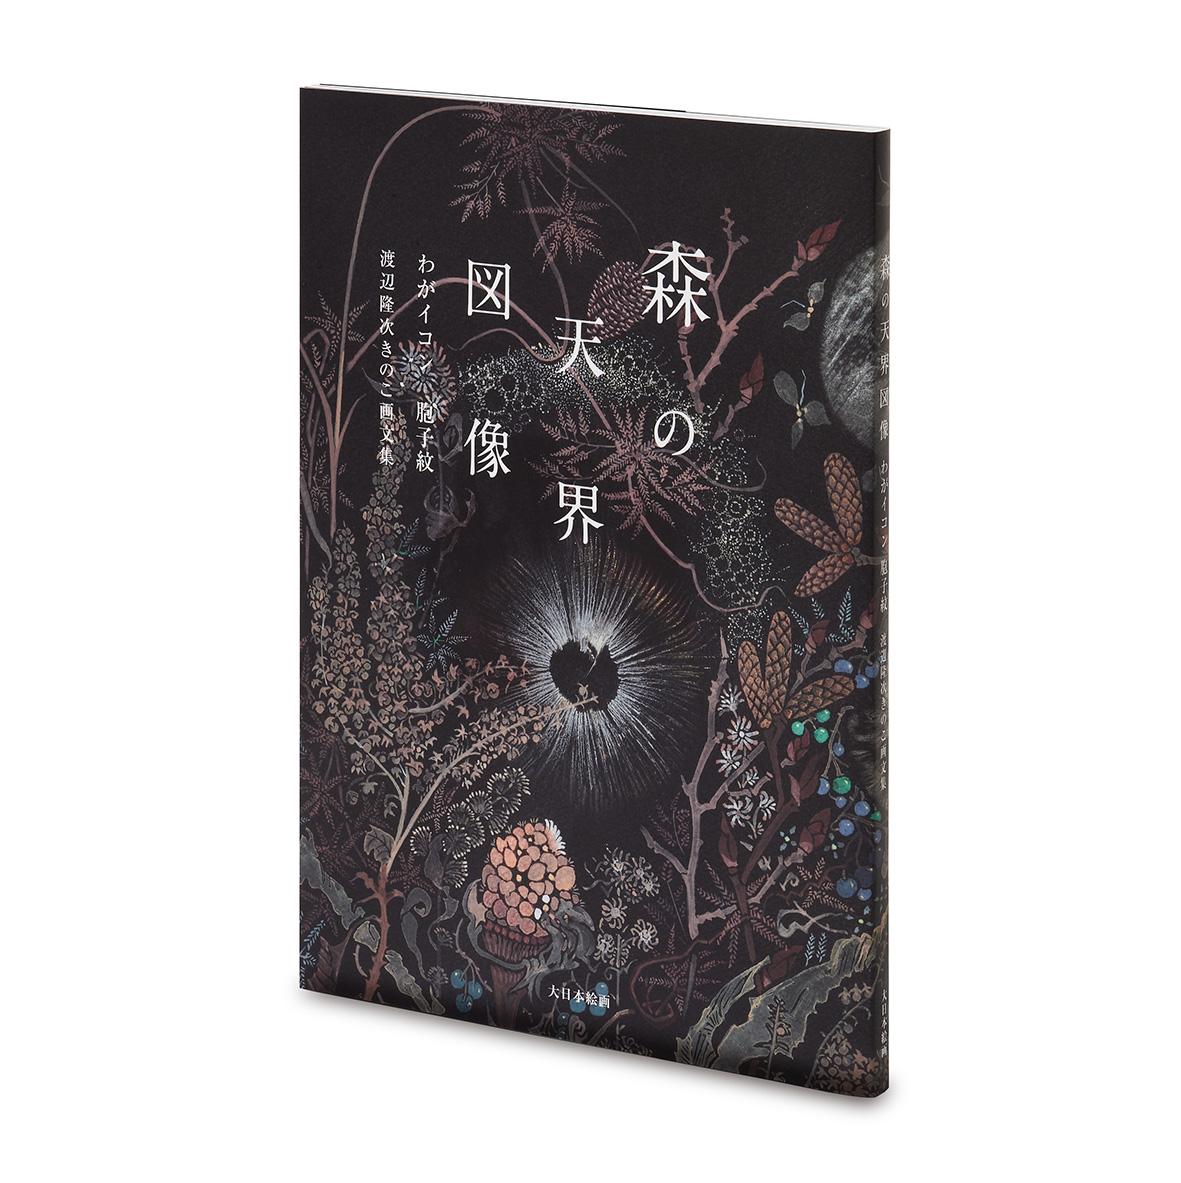 『森の天界図像 わがイコン 胞子紋 渡辺隆次きのこ画文集』発売中